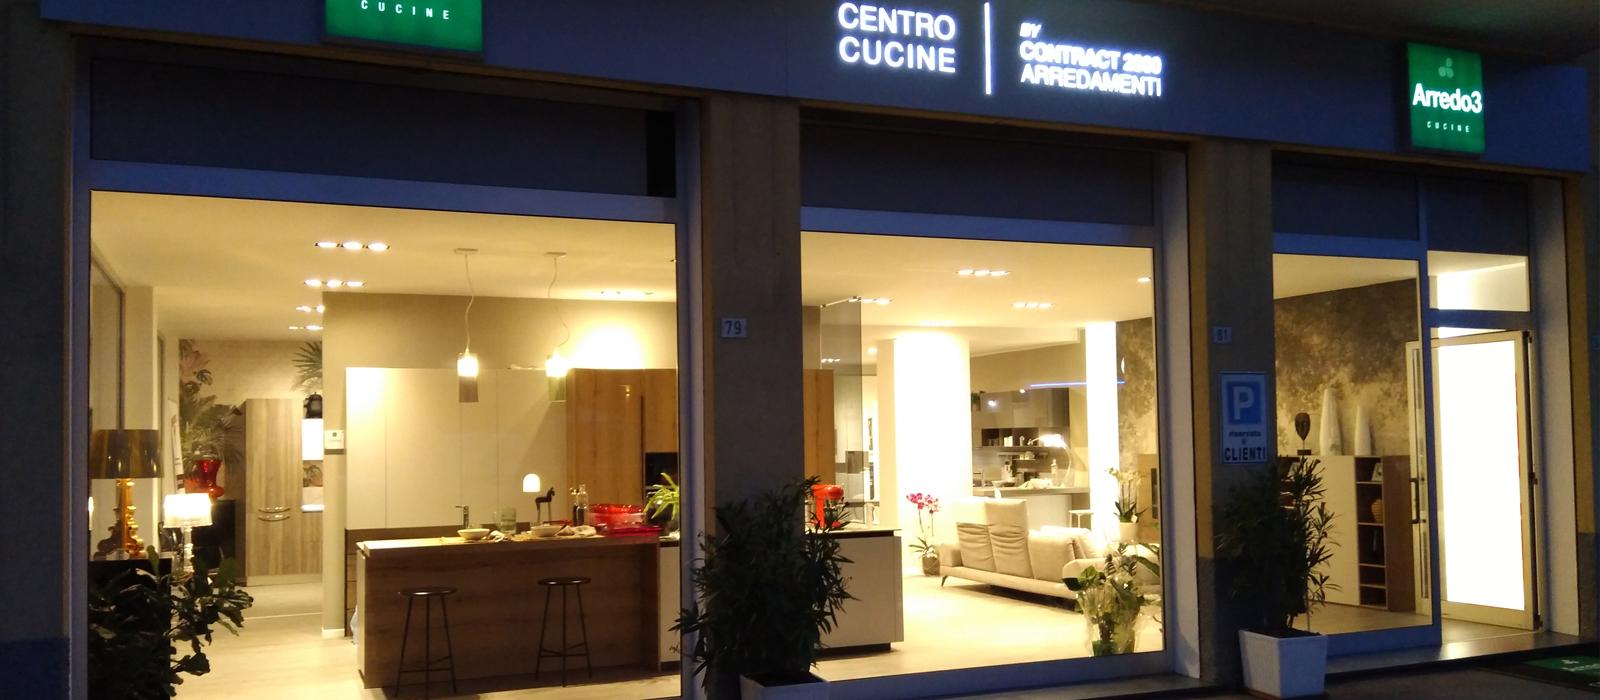 Contract2000 arredamenti mobili e forniture per la casa a for 2000 arredamenti